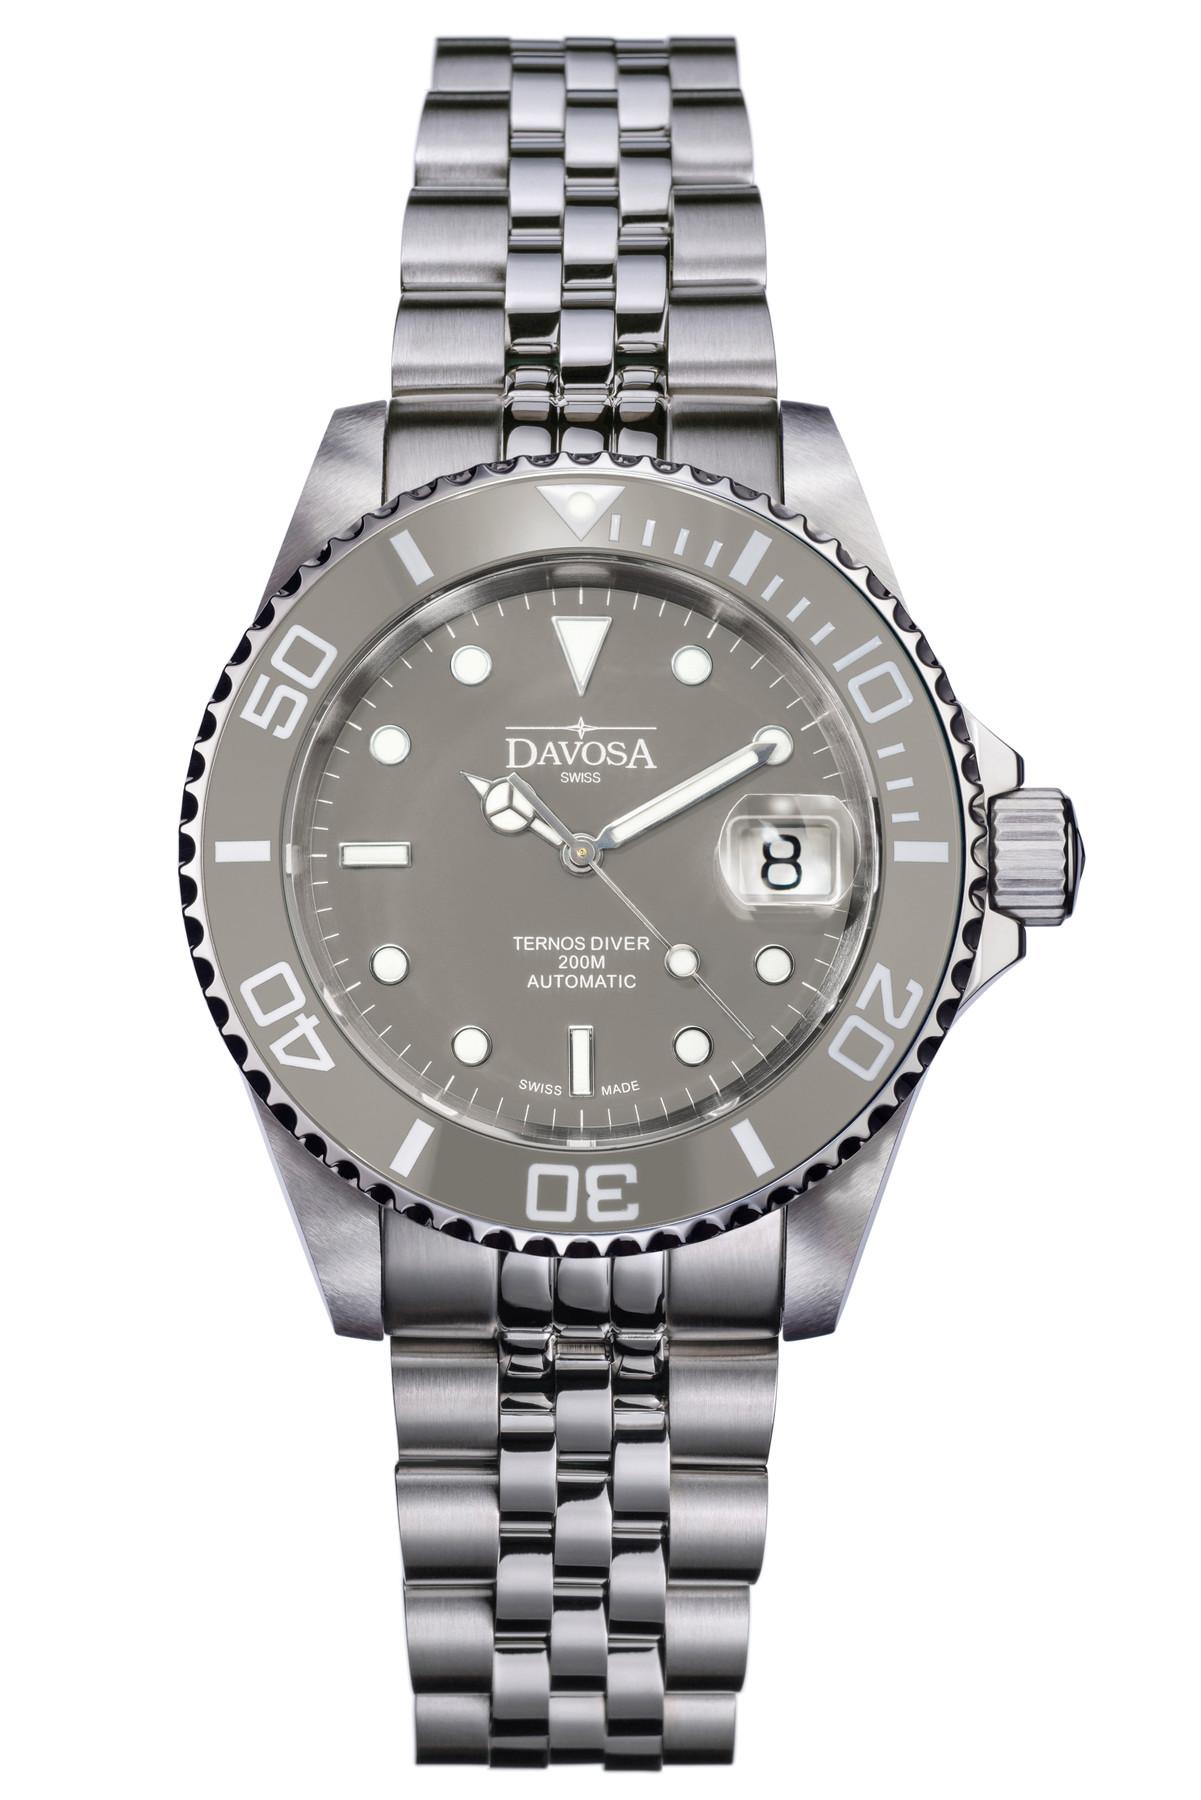 Davosa Ternos Ceramic Automatic Diver 161.555.02 |  16155502 PentaLink